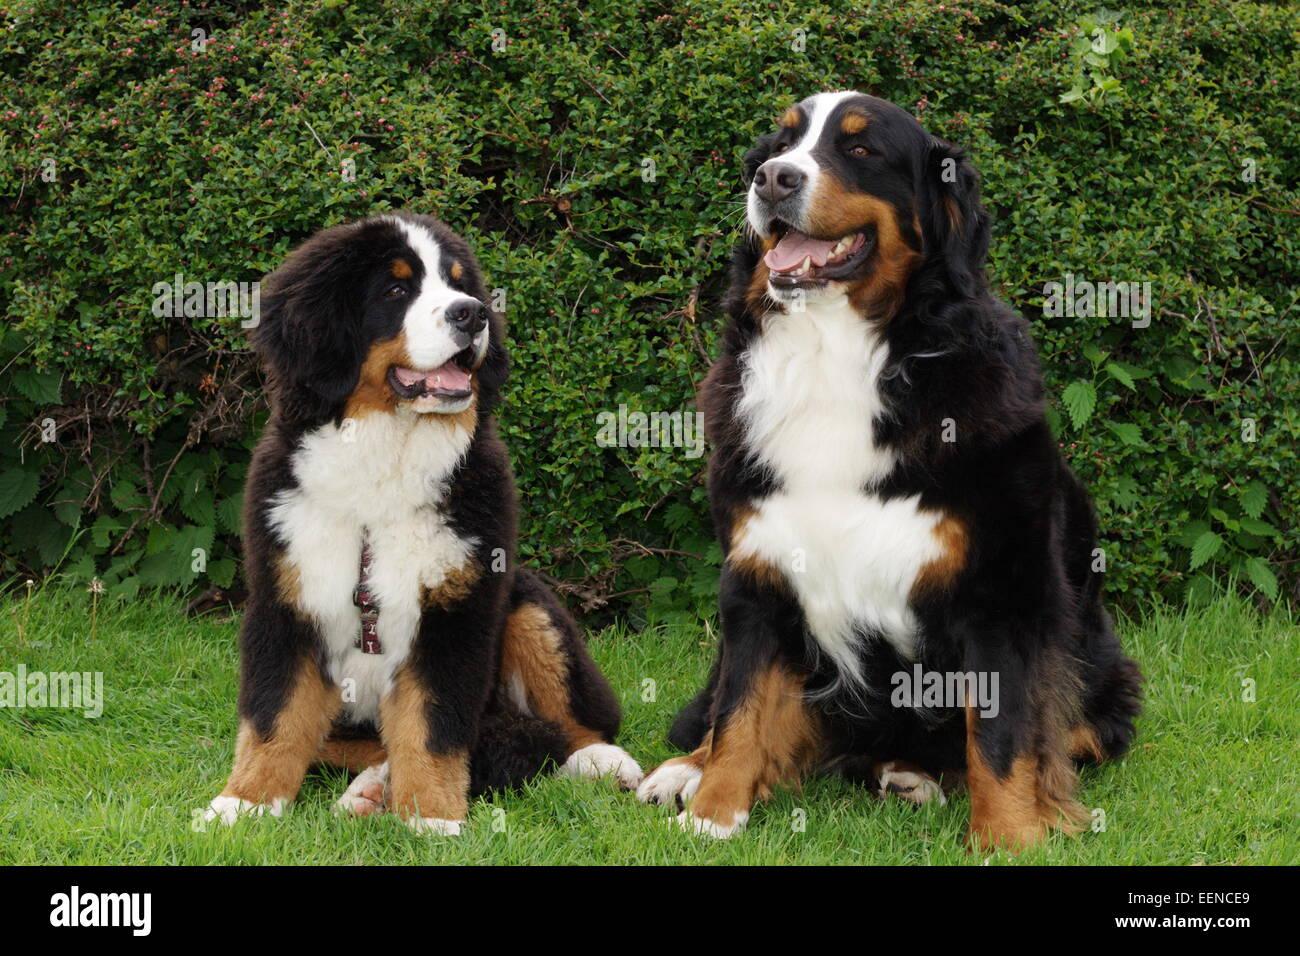 Berner Sennenhund Welpe und erwachsener Sennenhund sitzten nebeneinander im Garten - Stock Image